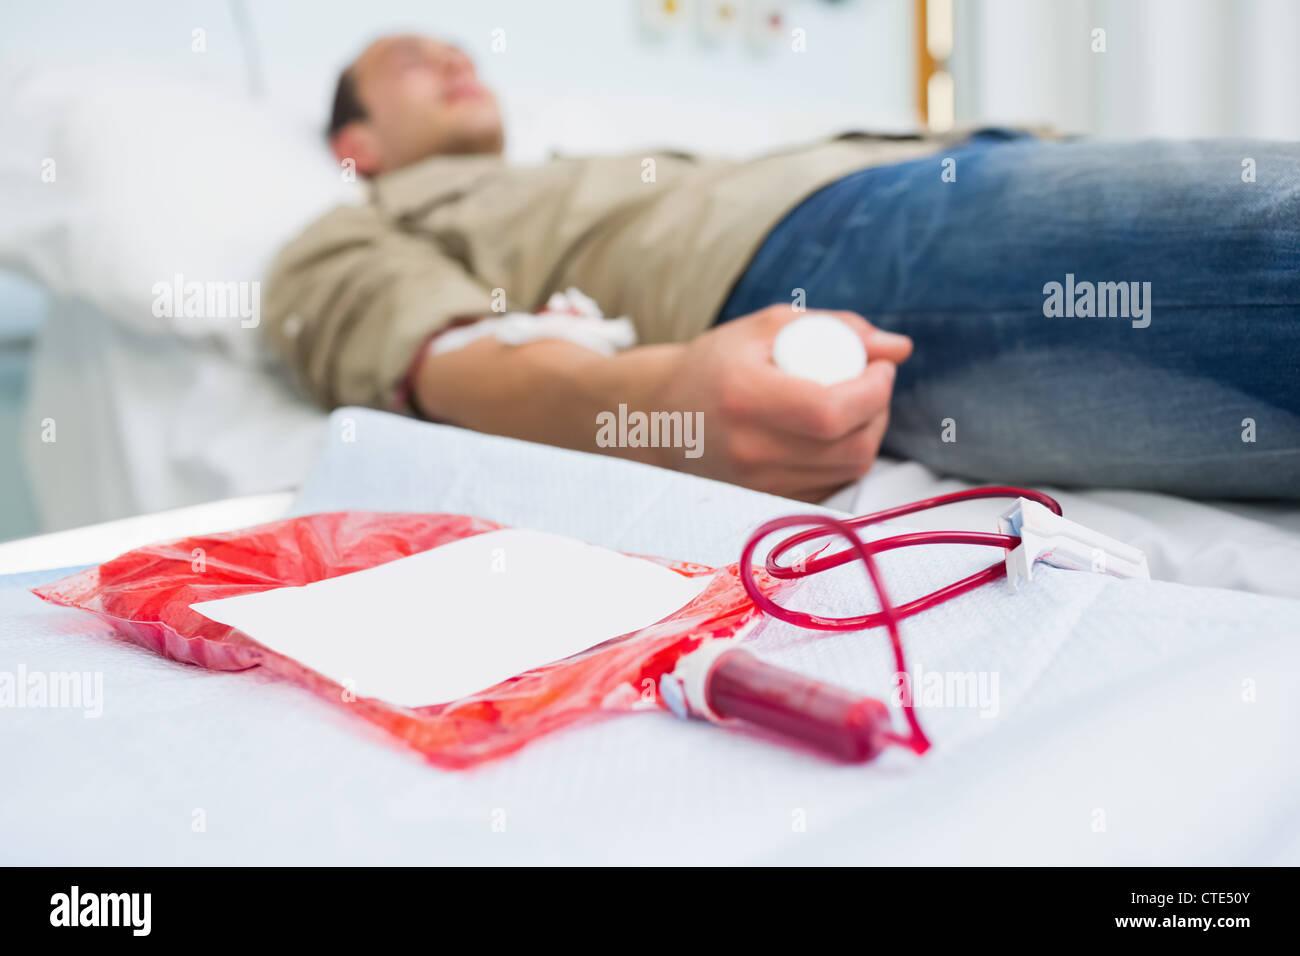 focus-on-a-blood-bag-CTE50Y.jpg